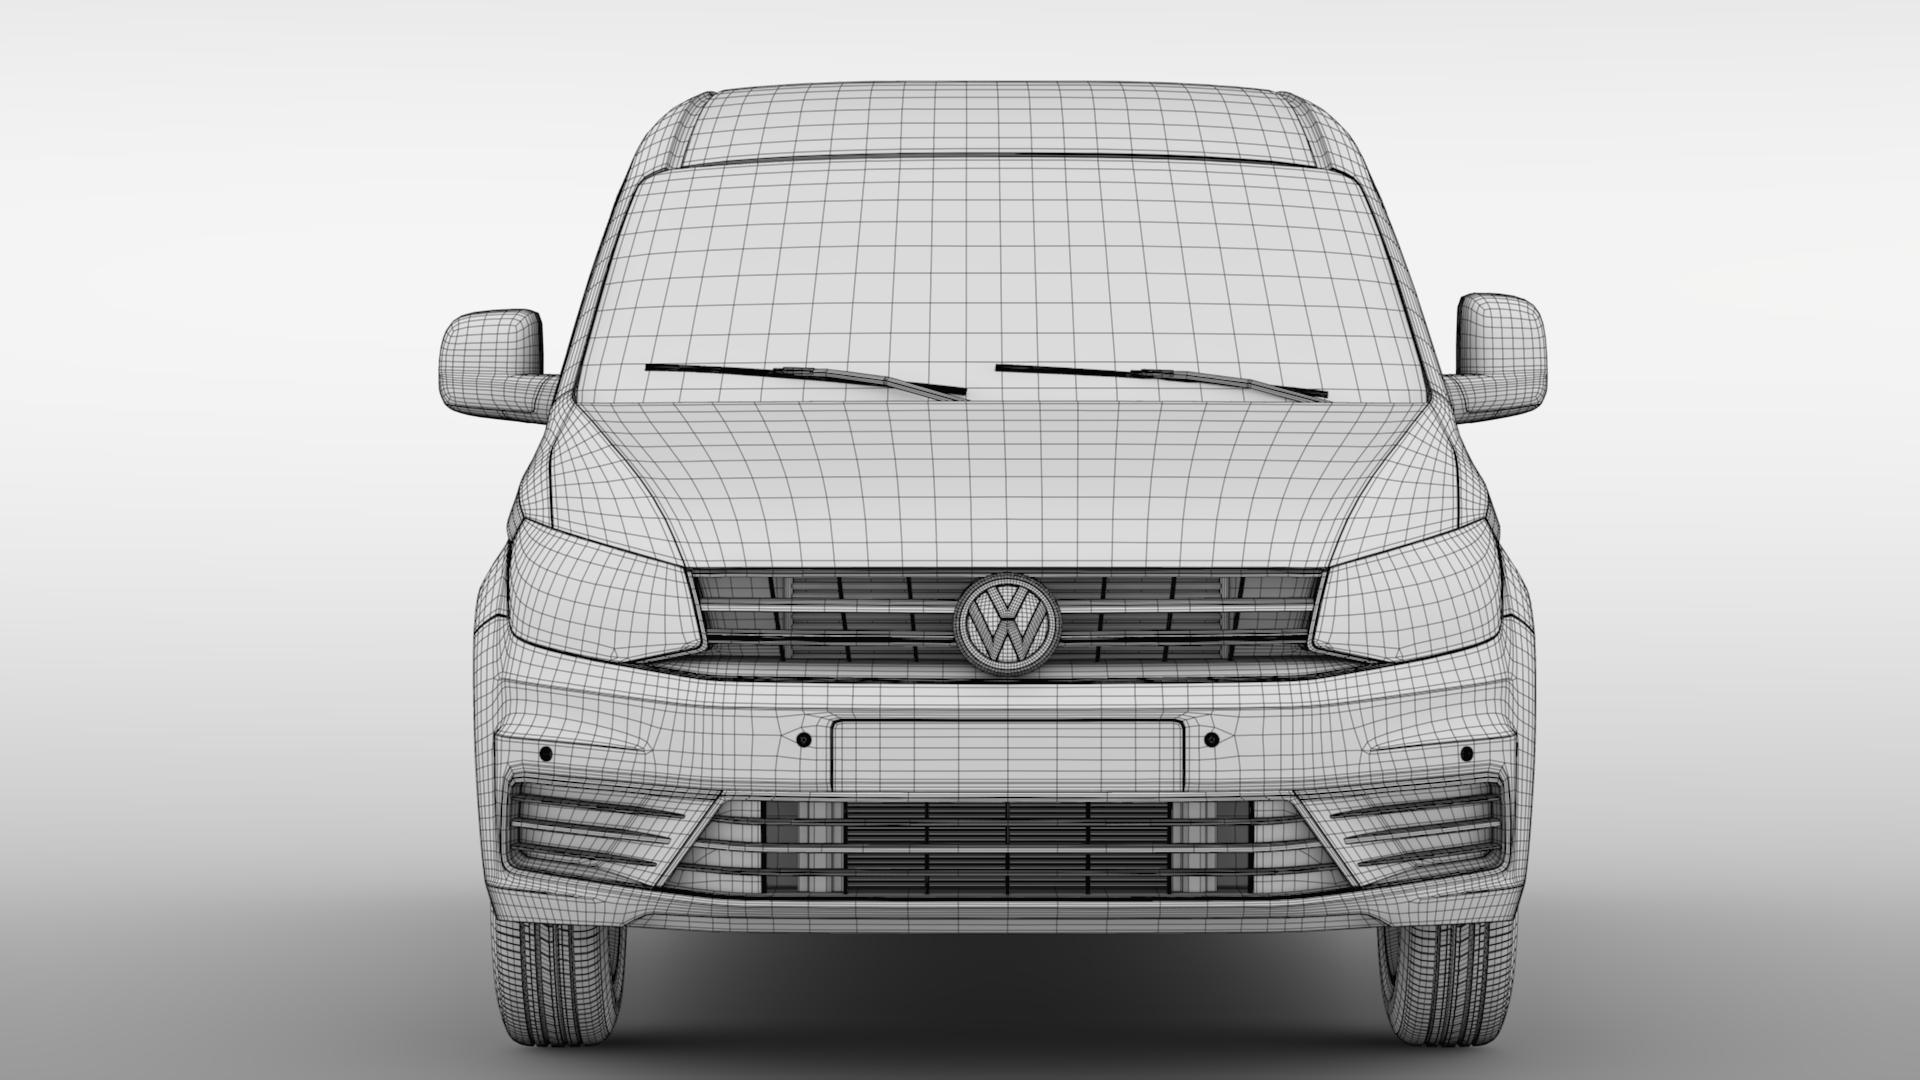 volkswagen caddy panel van l2 2017 3d model max fbx c4d lwo ma mb hrc xsi obj 274615